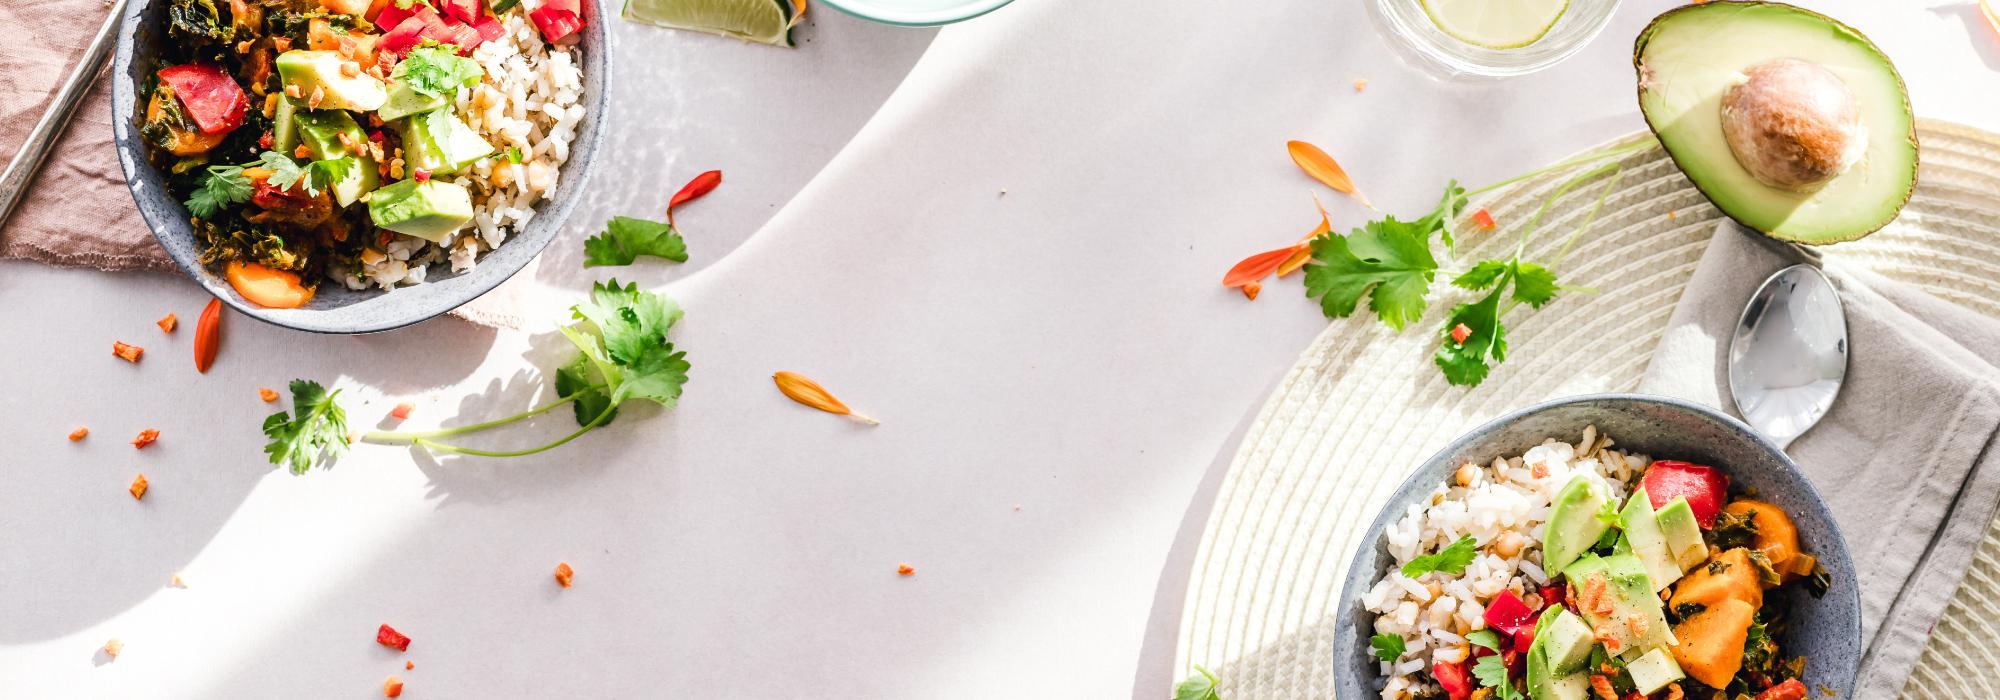 大廚推介23種減肥食材,讓你邊吃邊瘦